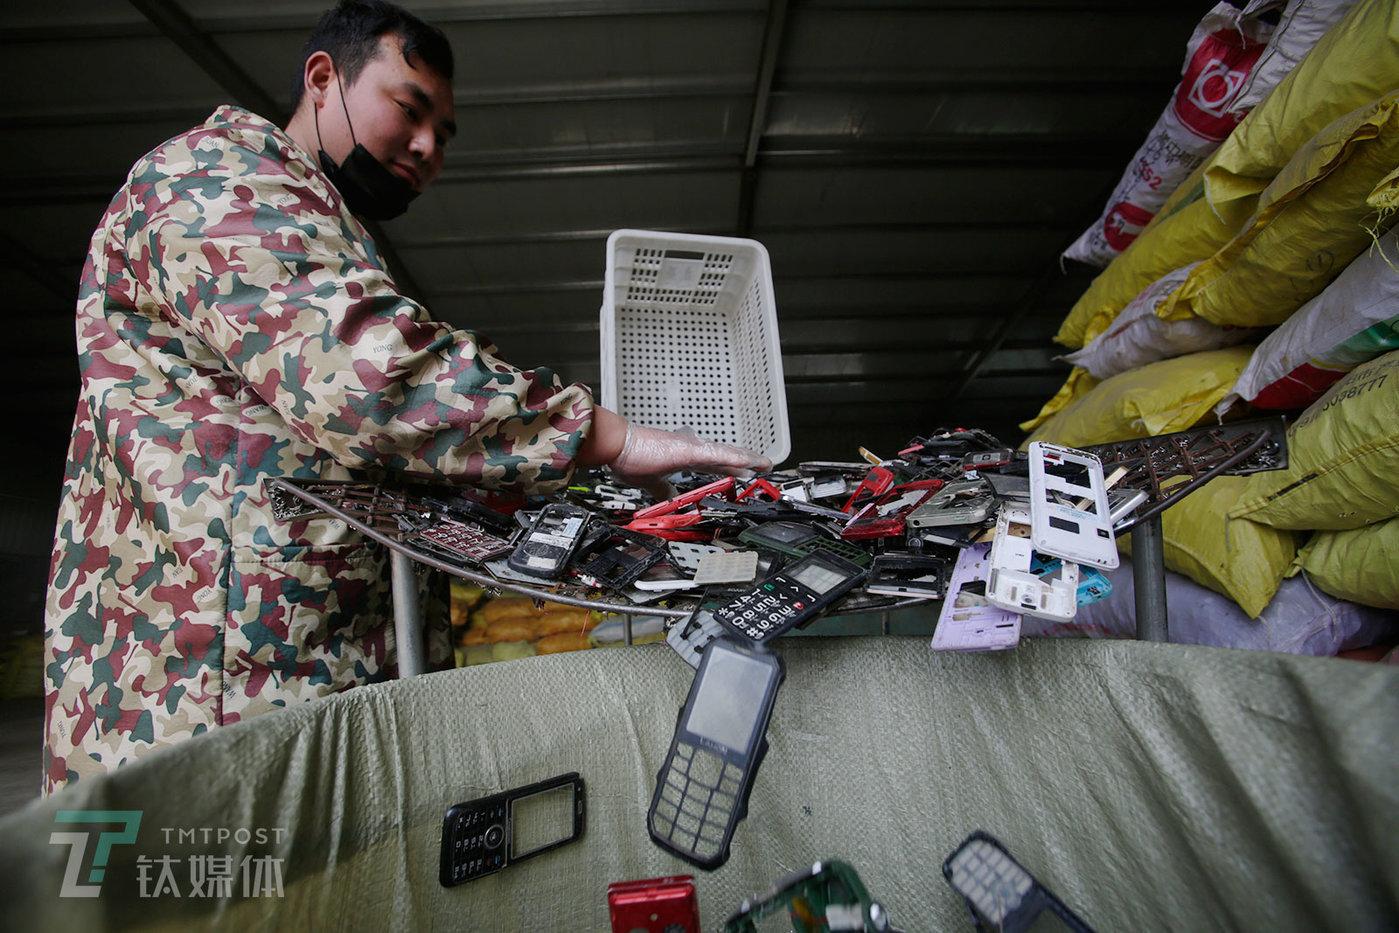 一名工人在筛选塑料手机壳,这些手机壳会被当做废塑料卖掉。这家拆解厂是一个关键的集散地,上游整机回收商将手机送到这里,下游零件收购商再从这里买走各个零部件提炼金属或再利用。